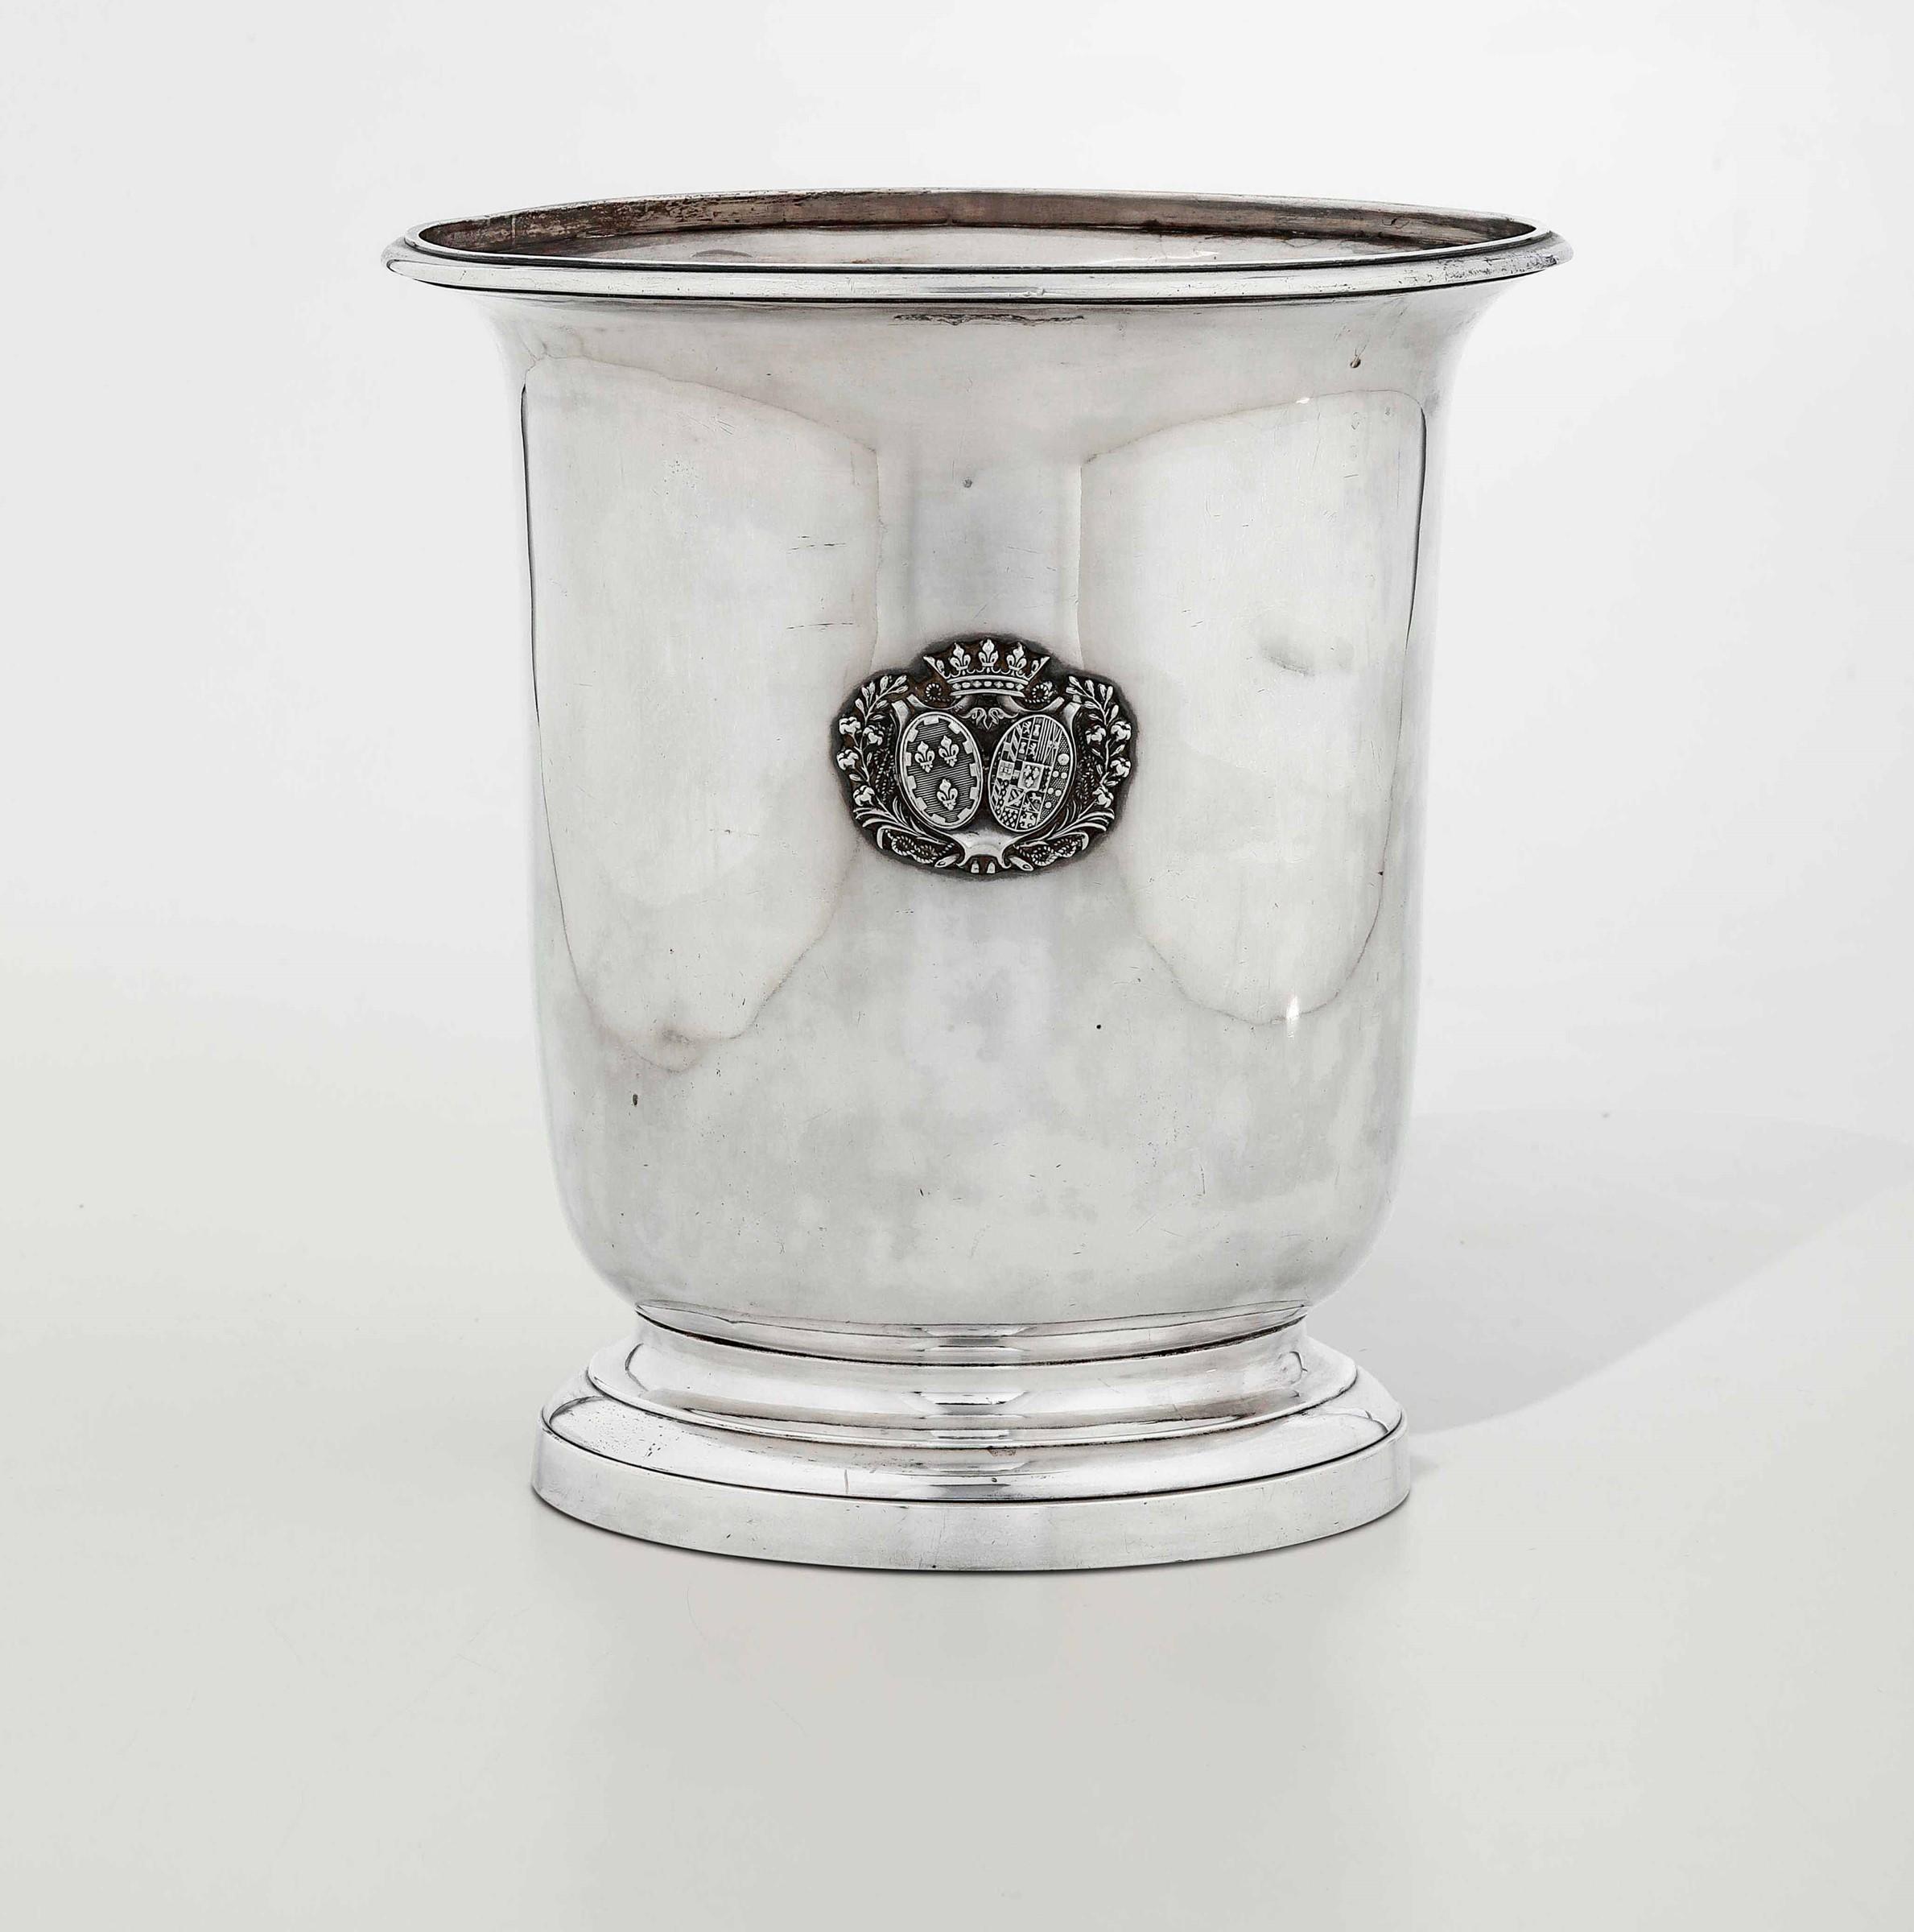 Rinfrescatoio in argento primo titolo fuso, sbalzato e cesellato. Parigi 1819-1838. [...]